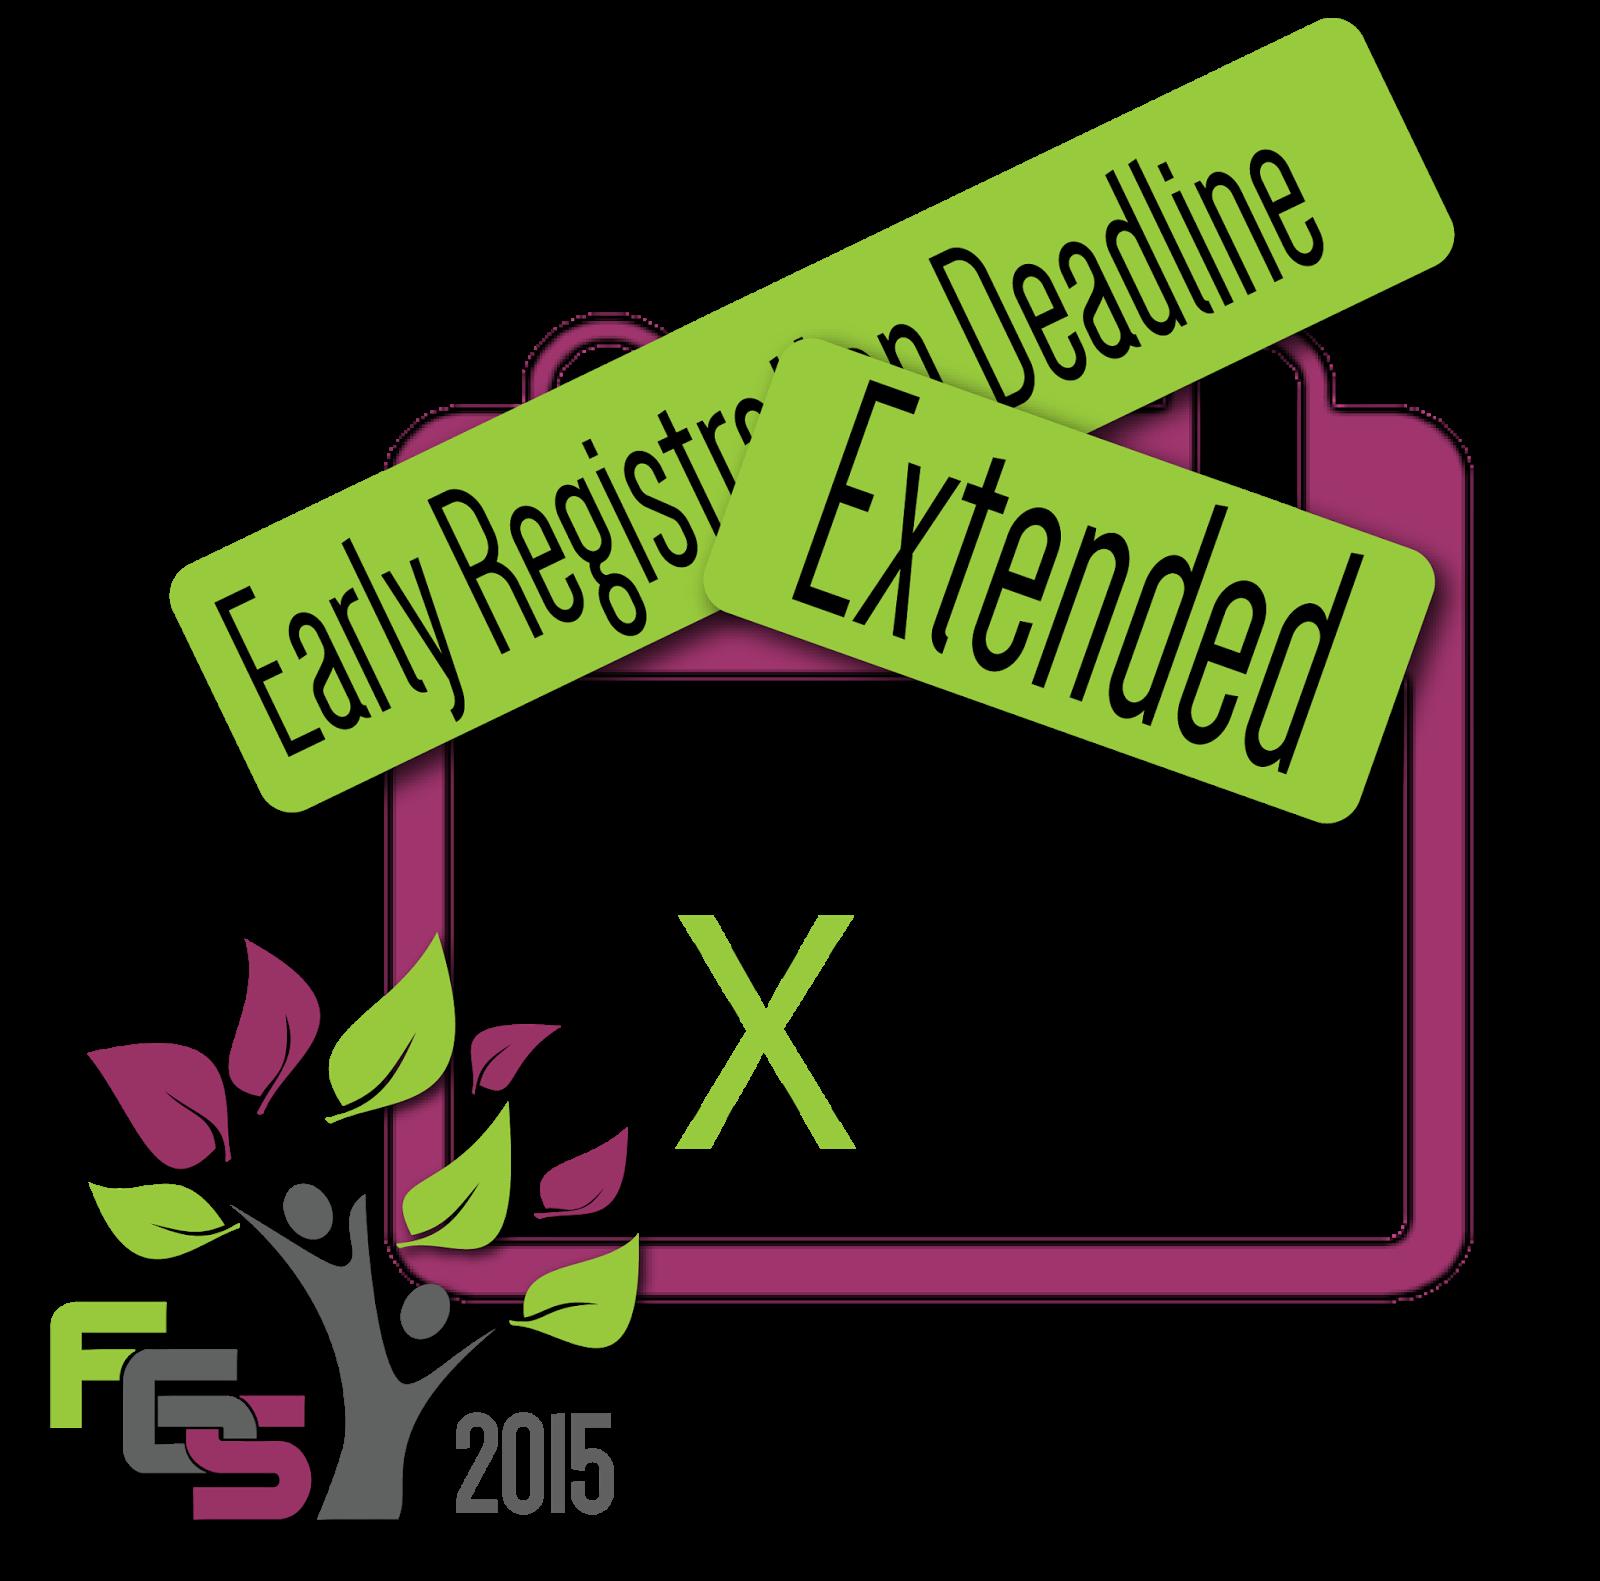 FGS 2015 Early Registration Deadline Extended